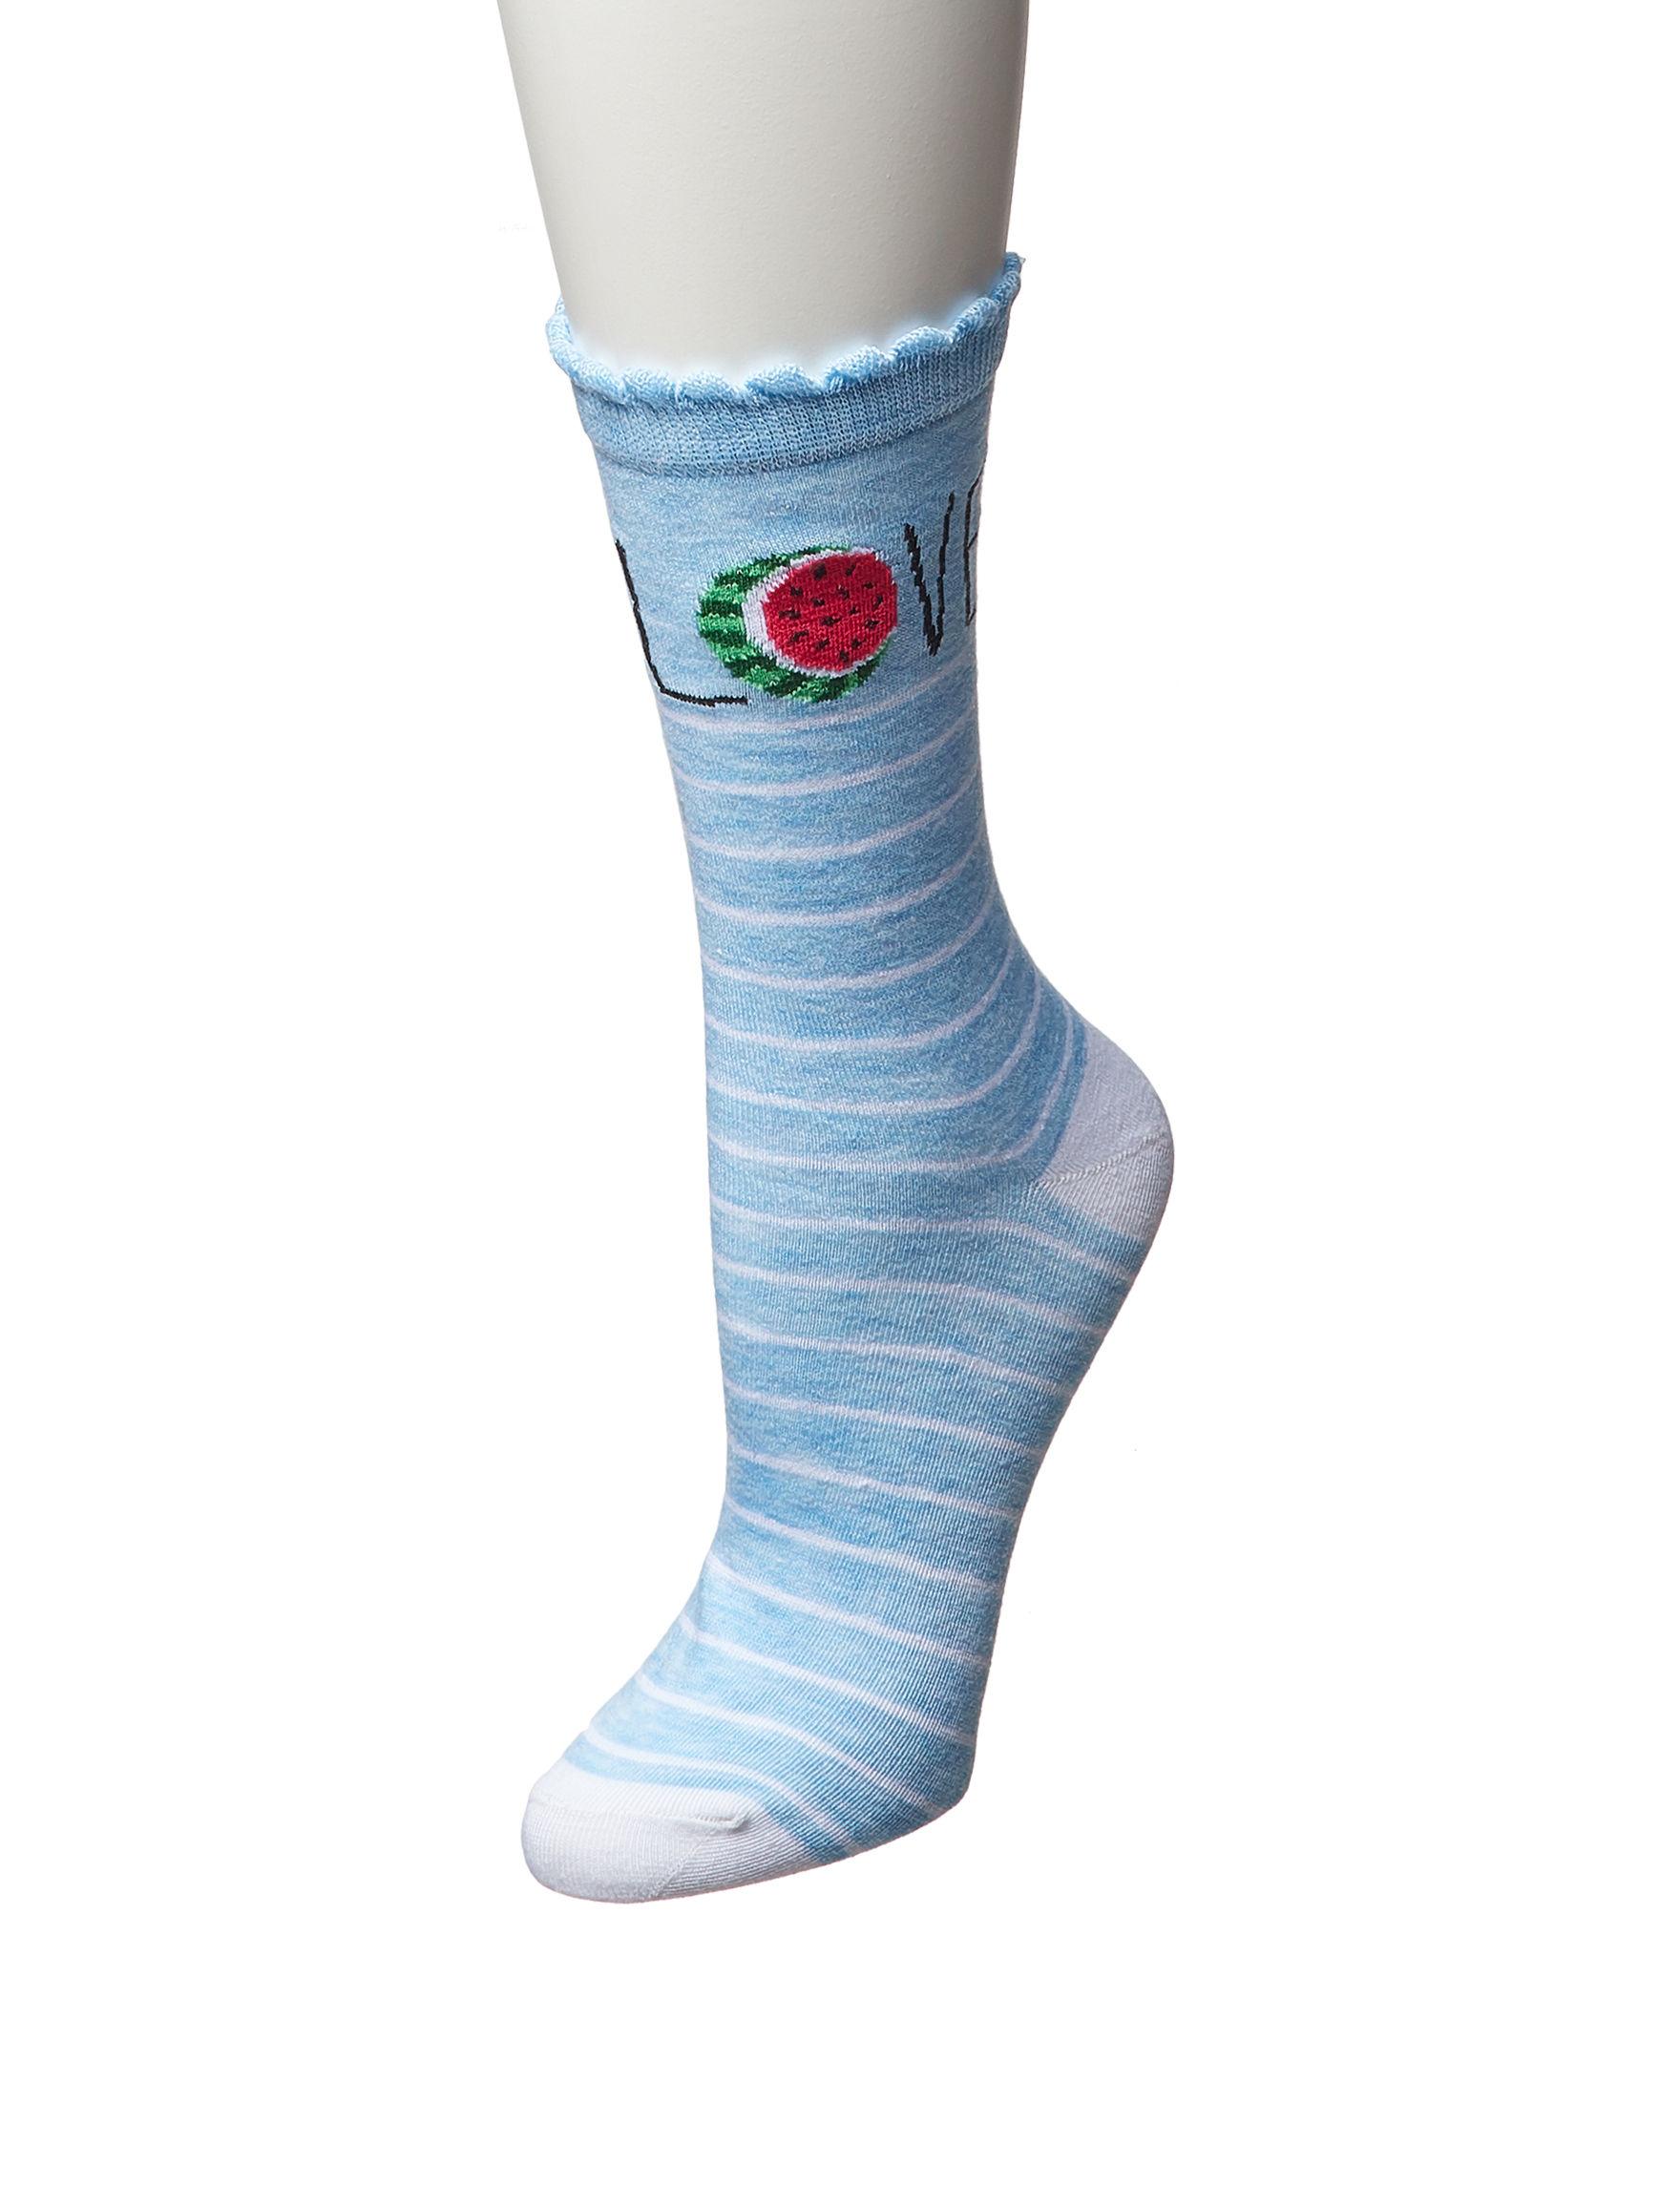 Keep Your Socks On Blue Multi Socks